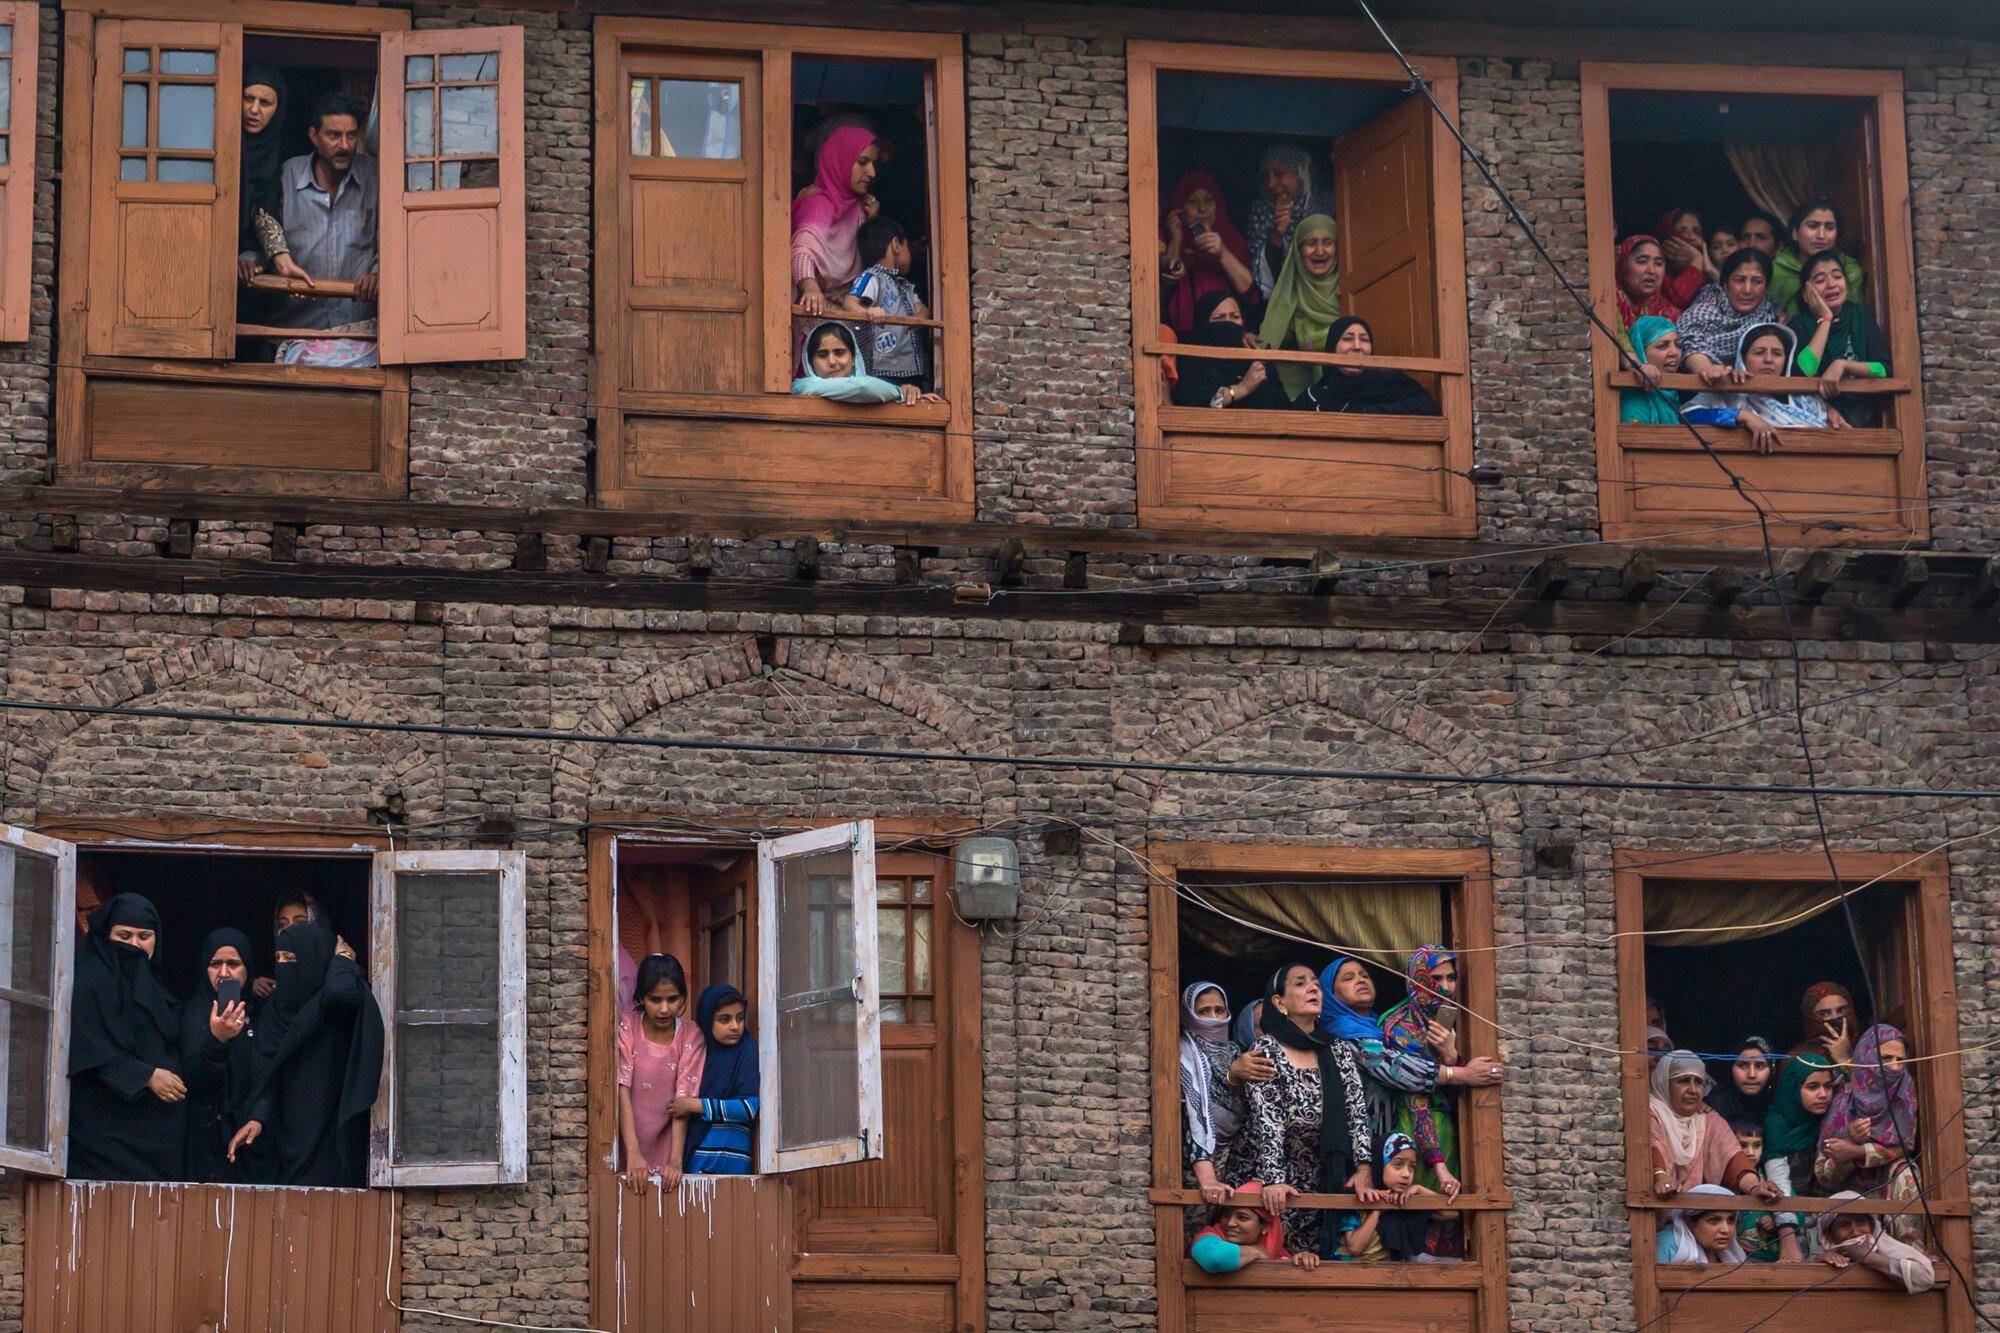 Kashmiri Muslims grieve as they watch funeral procession of Fayaz Ahmad Hamal, in Srinagar, Indian controlled Kashmir, May 5, 2018. (AP Photo/Dar Yasin)